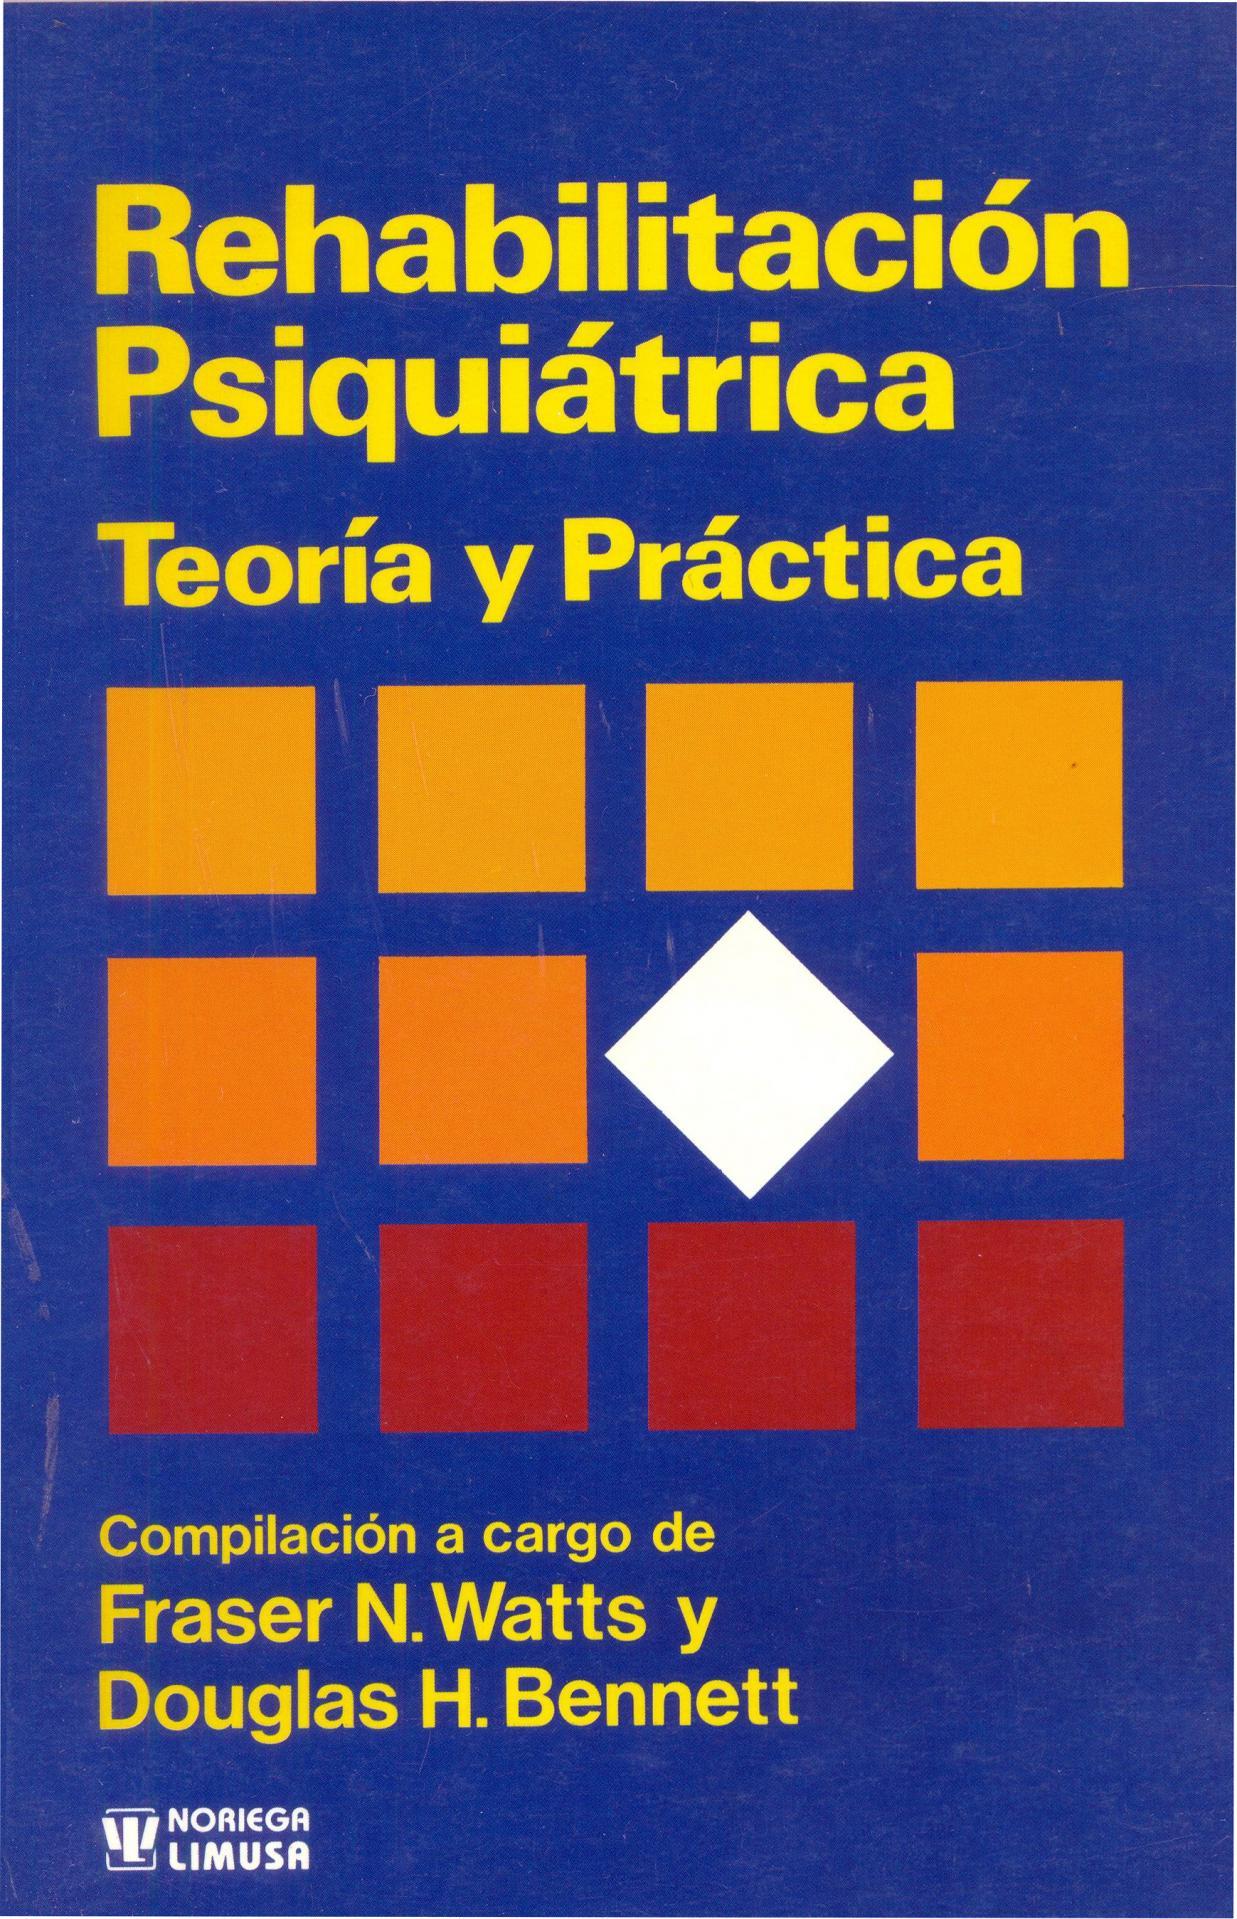 REHABILITACIÓN PSIQUIÁTRICA. Teoría y práctica. Watts, F.